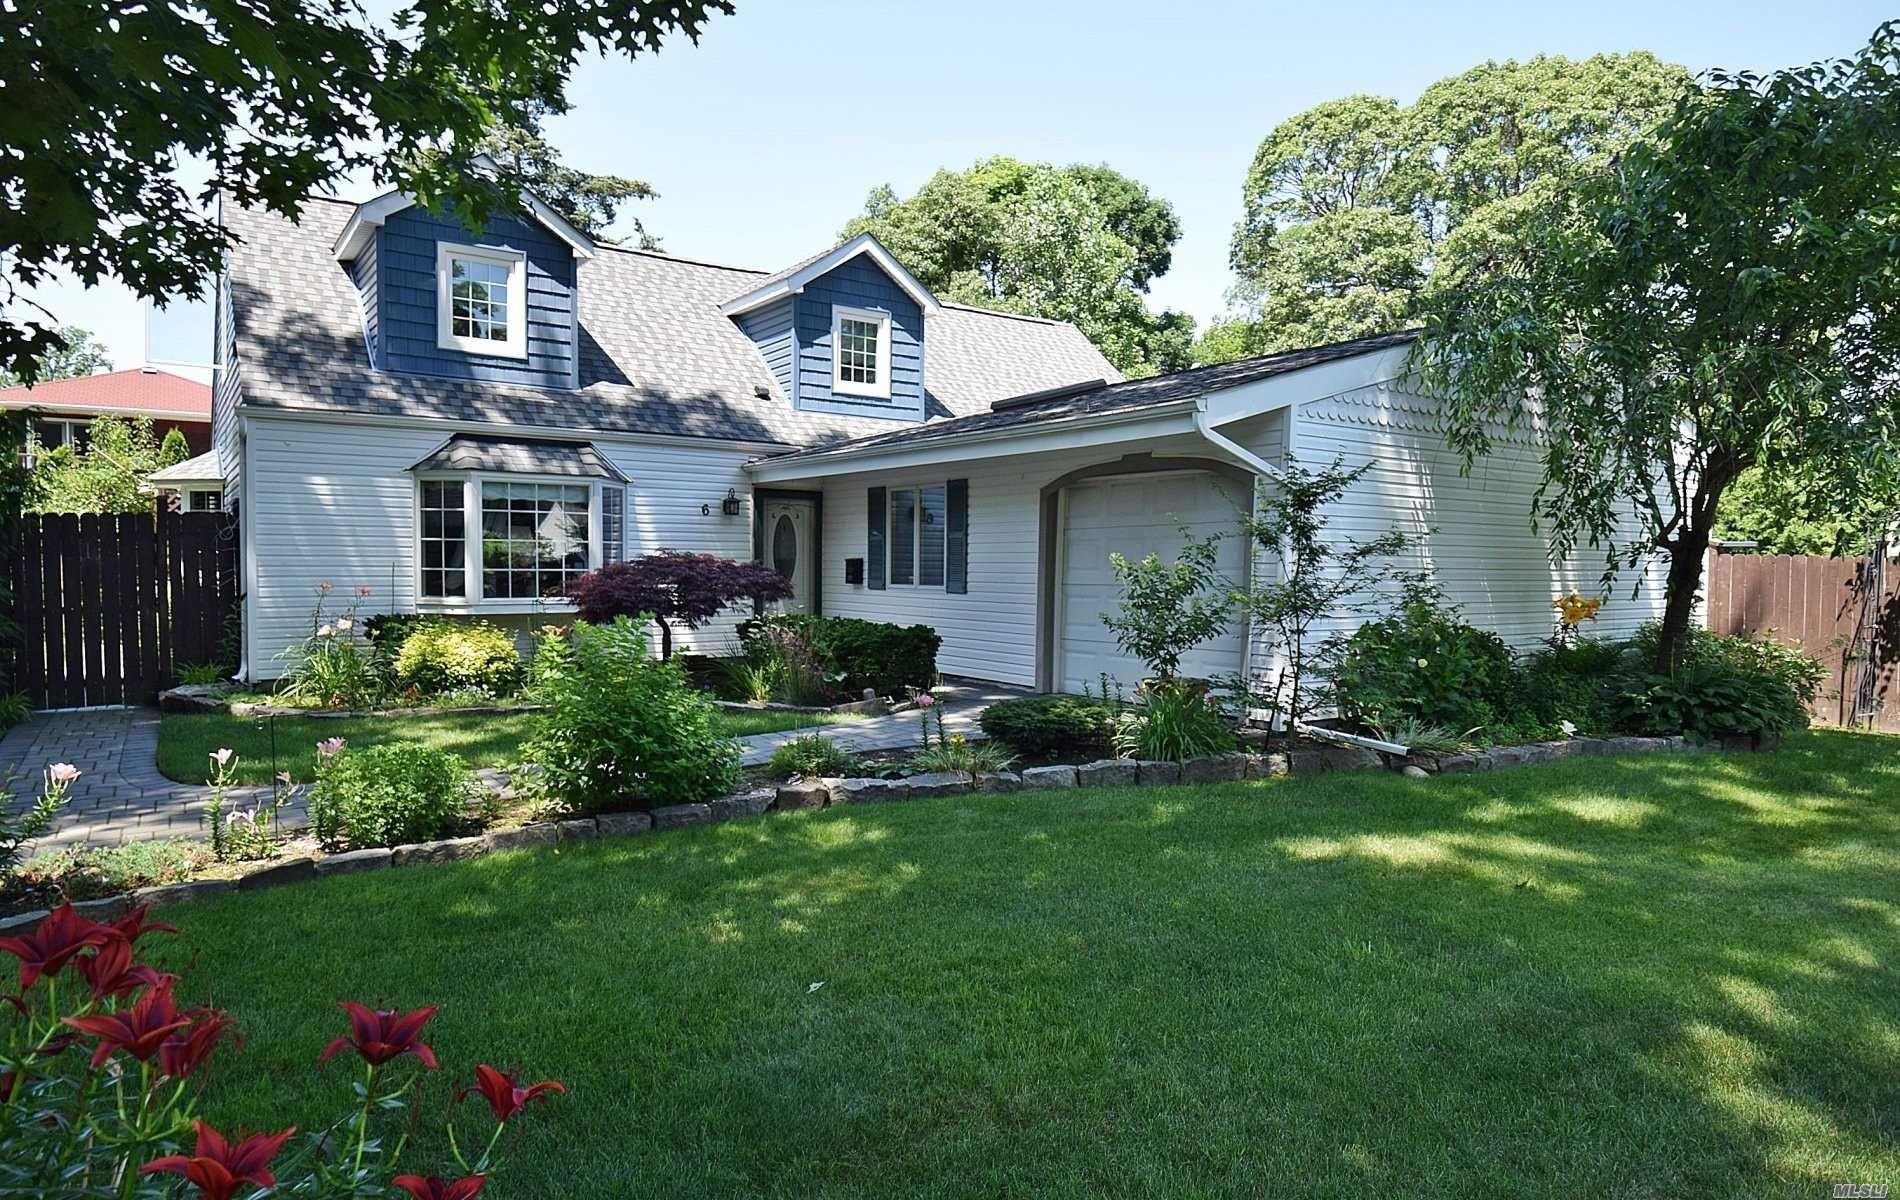 6 Alden Ct, Islip Terrace, NY 11752 - MLS#: 3230181